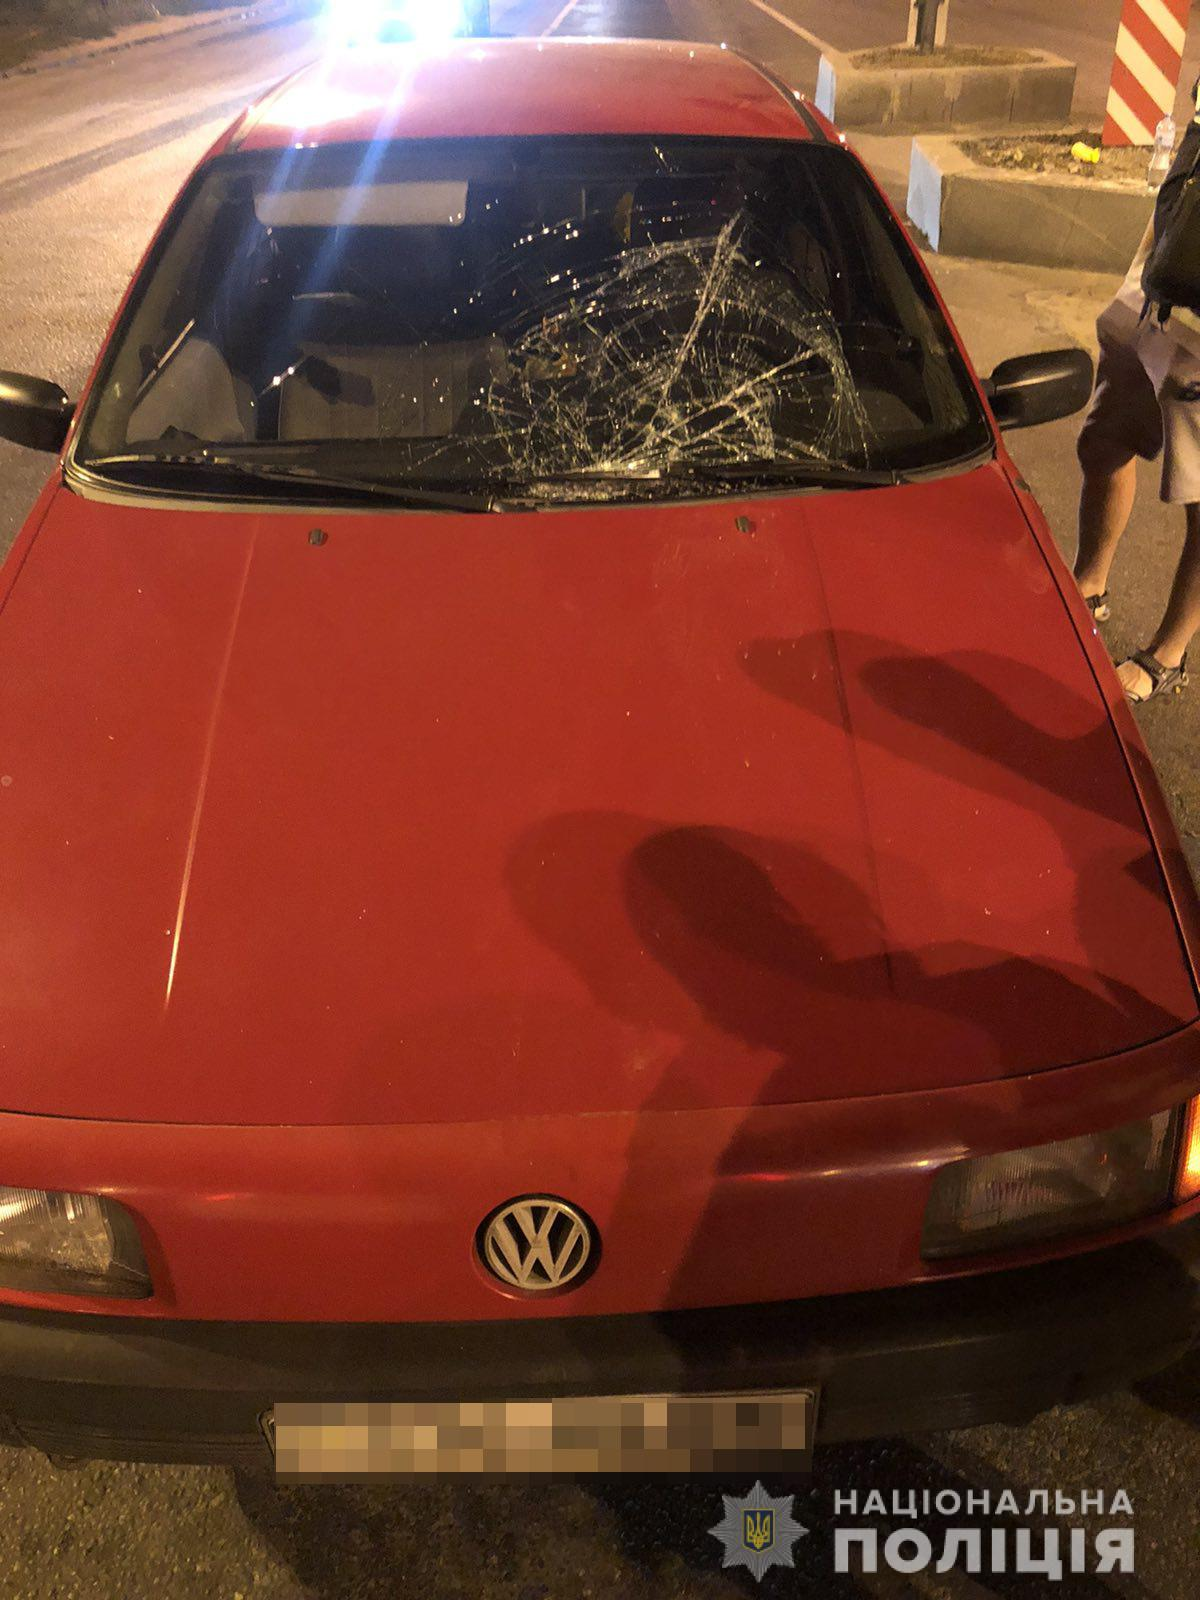 В Харькове автомобиль сбил пешехода – ищут свидетелей (фото)